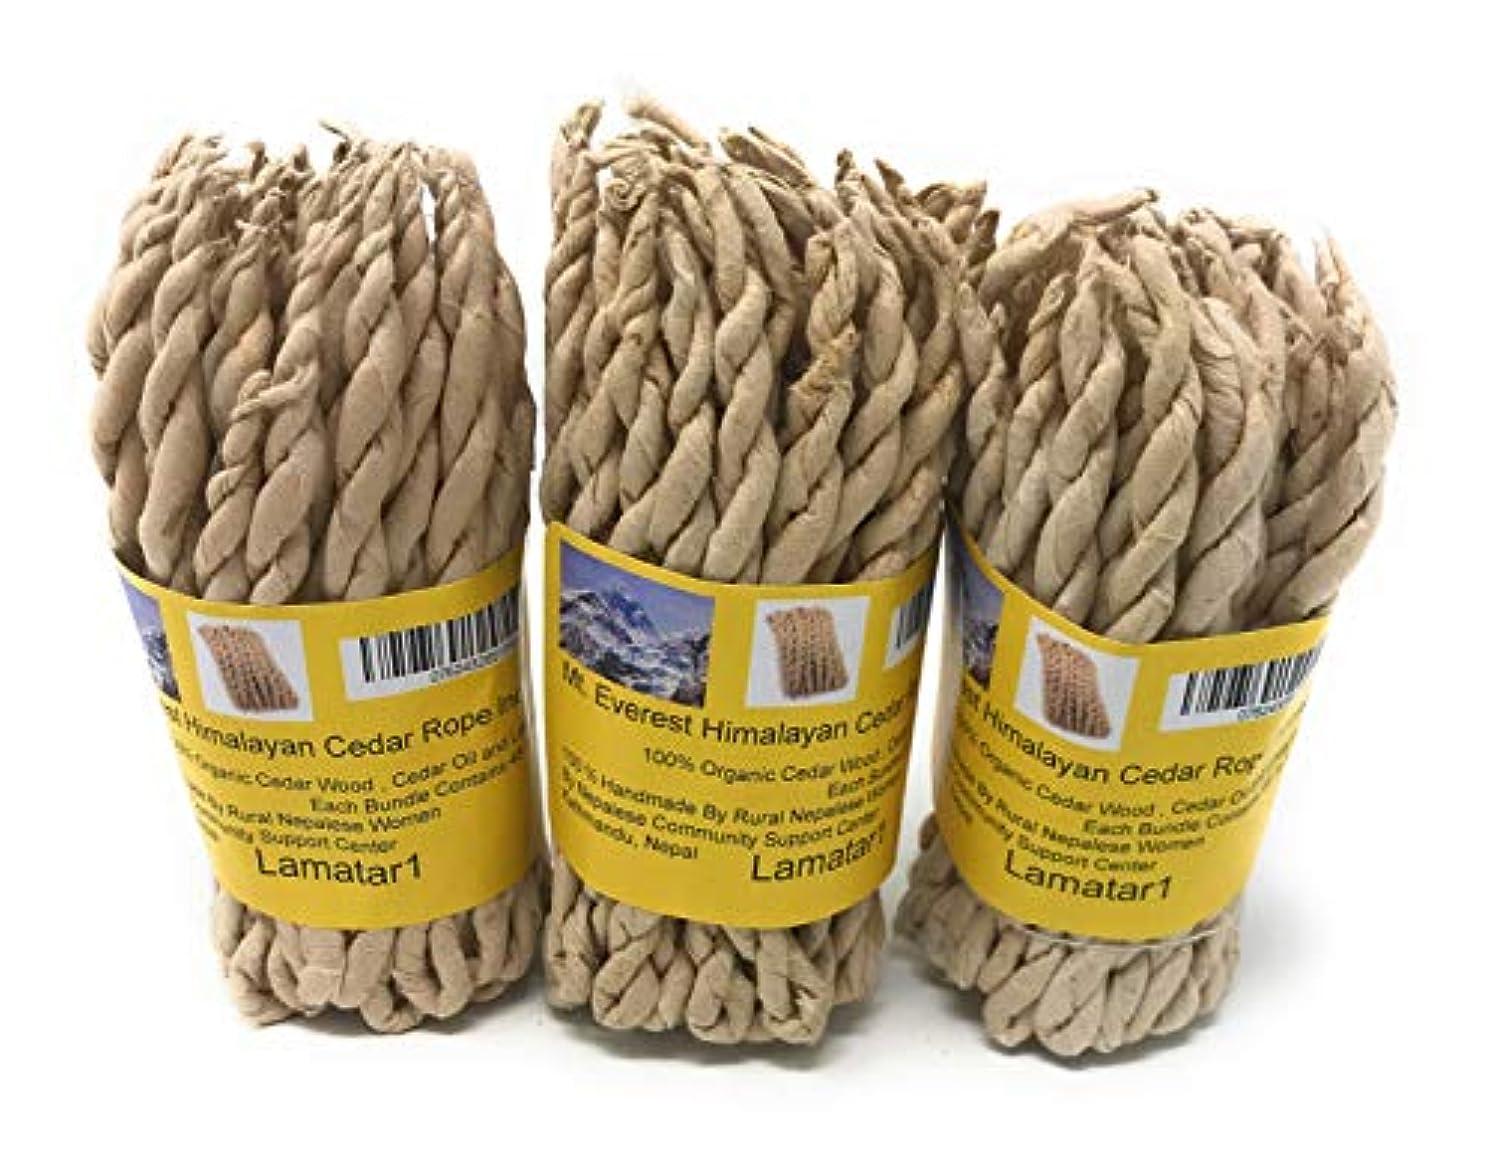 壮大な筋季節MT。Everest Himalyan Cedar Rope Incenseロールの3 x 45ロープ= 135ロープfounded by Buddhist Monk Dr。Umesh Lama 1981年に